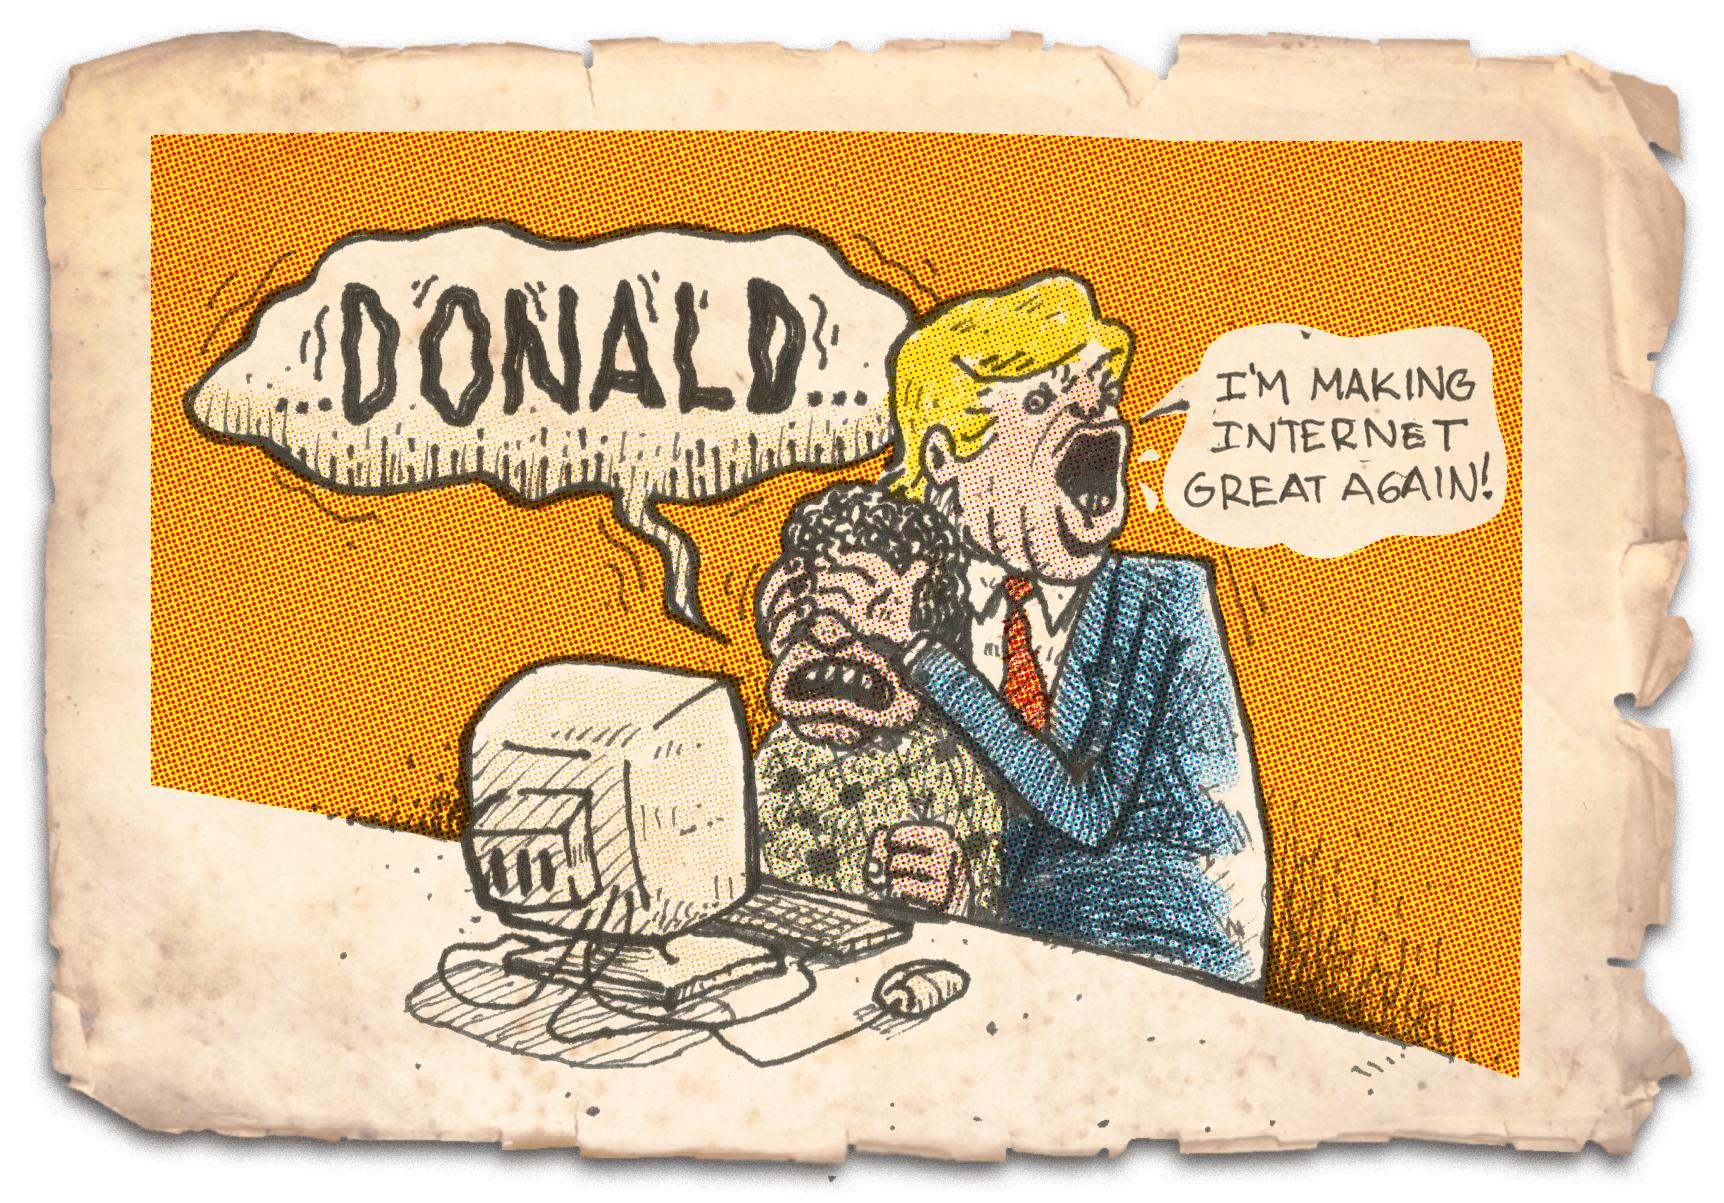 Net neutrality, columna de Ana María Mesa ilustrada por Saga Uno